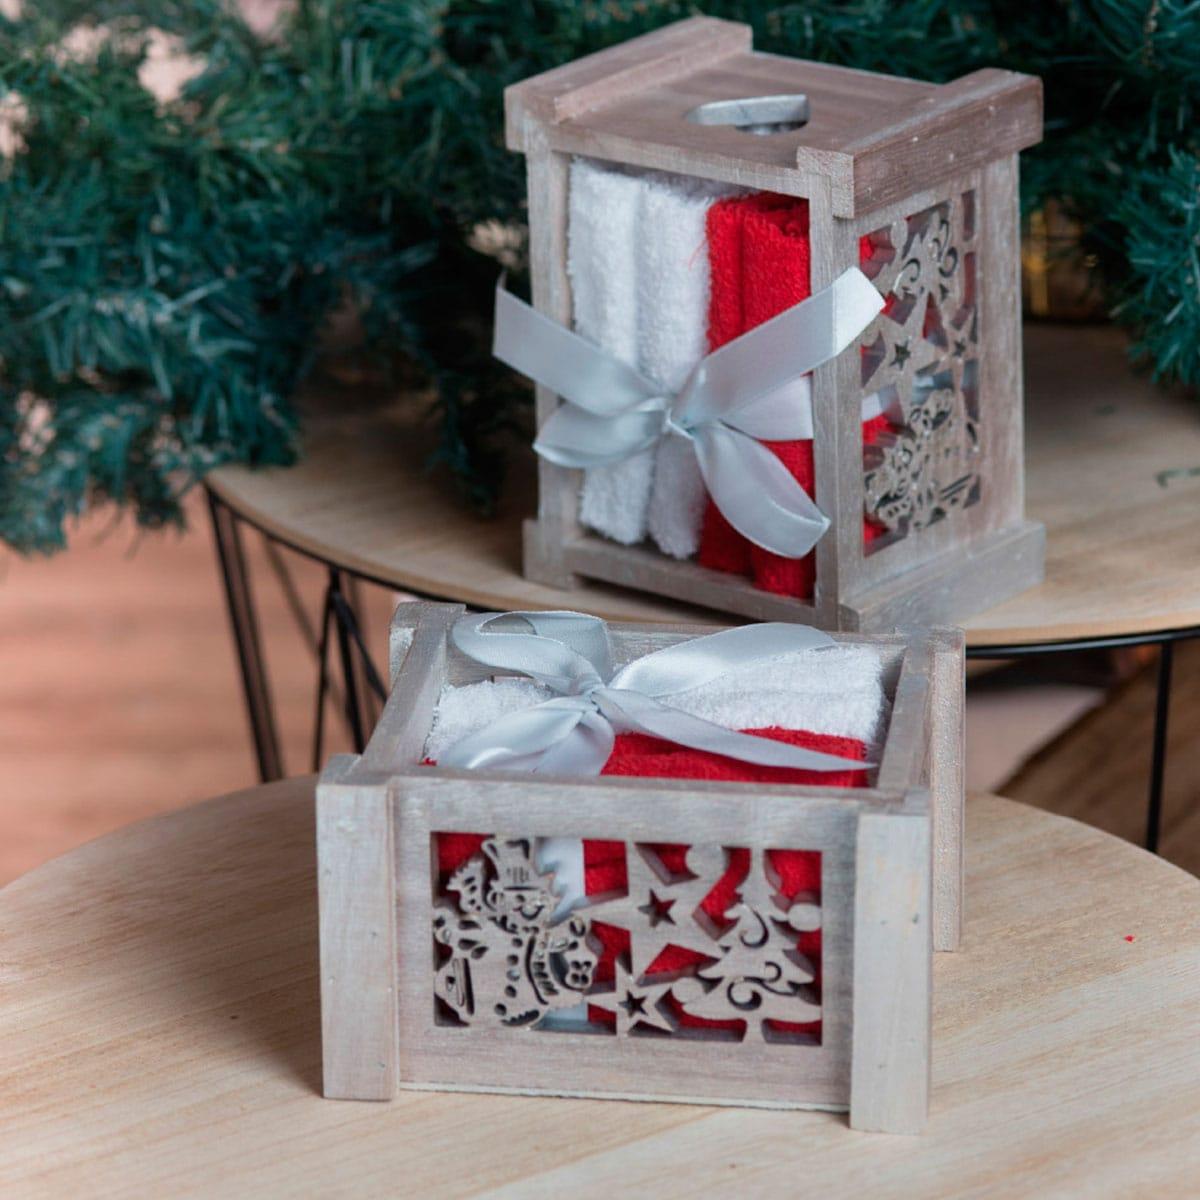 Λαβέτες Σετ 4τμχ Σε Χριστουγεννιάτικο Ξύλινο Κουτί Box 1010 Red-White Teoran Σετ Πετσέτες